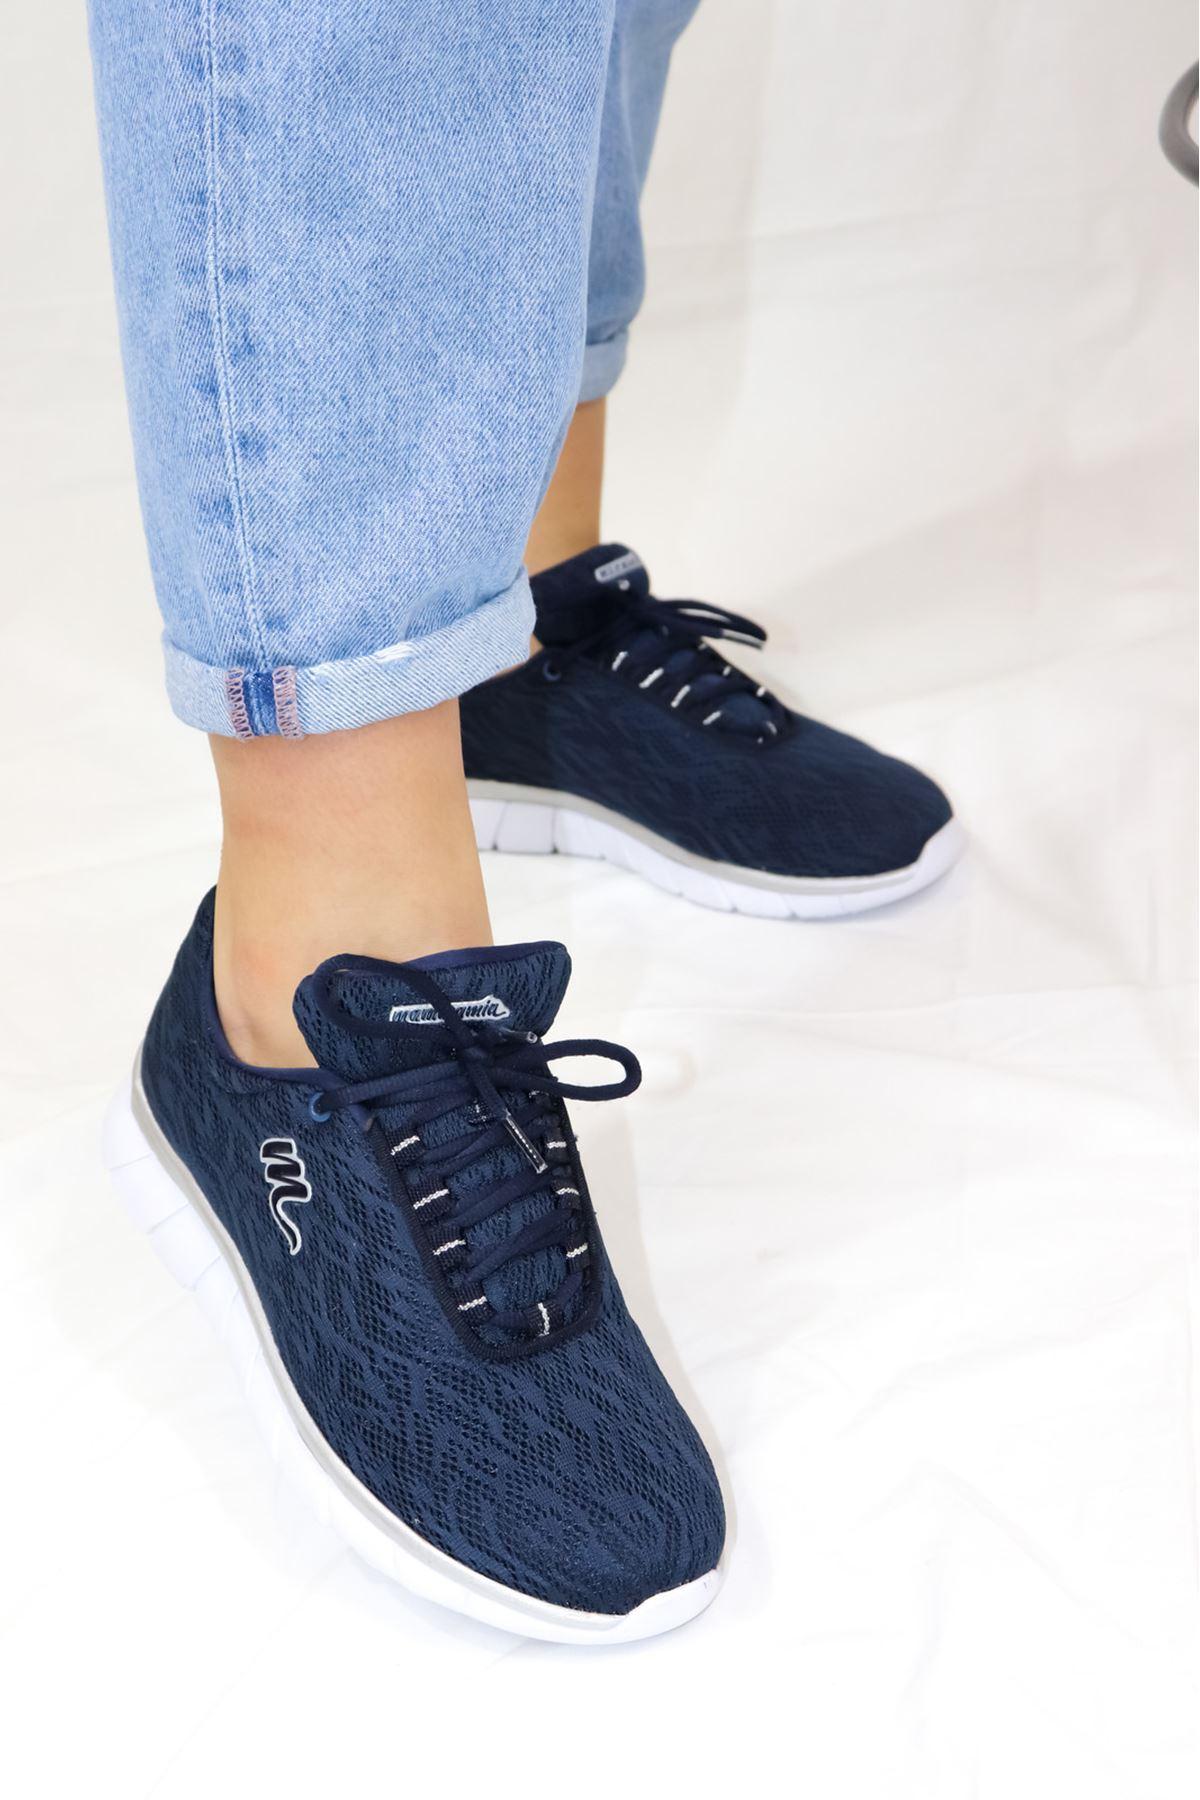 Mammamia - D21YA - 660-B Lacivert Spor Kadın Ayakkabısı